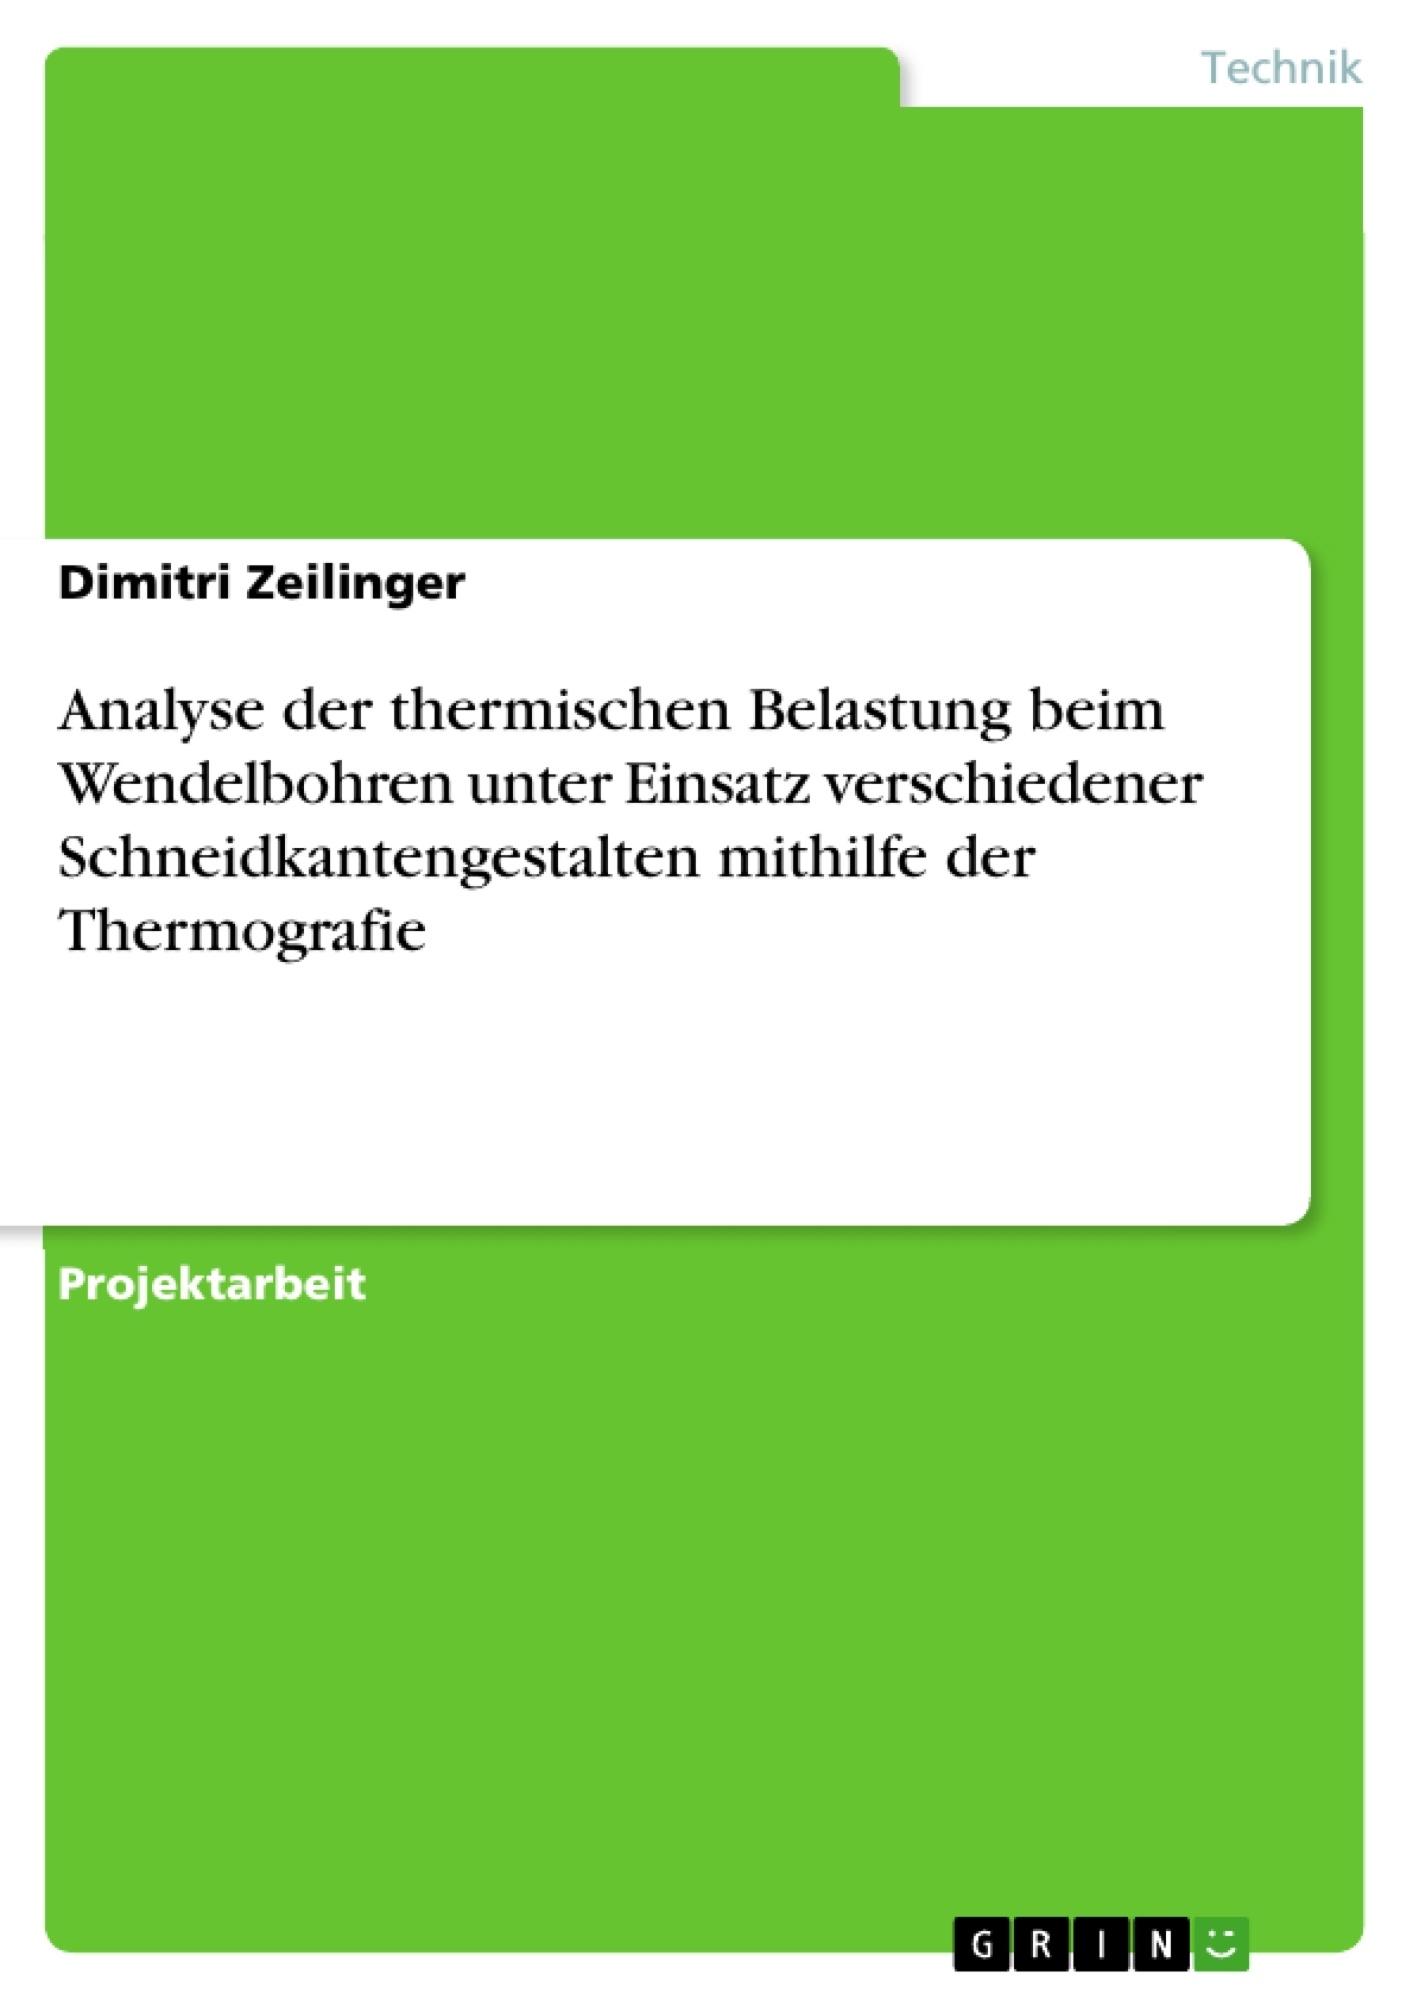 Titel: Analyse der thermischen Belastung beim Wendelbohren unter Einsatz verschiedener Schneidkantengestalten mithilfe der Thermografie